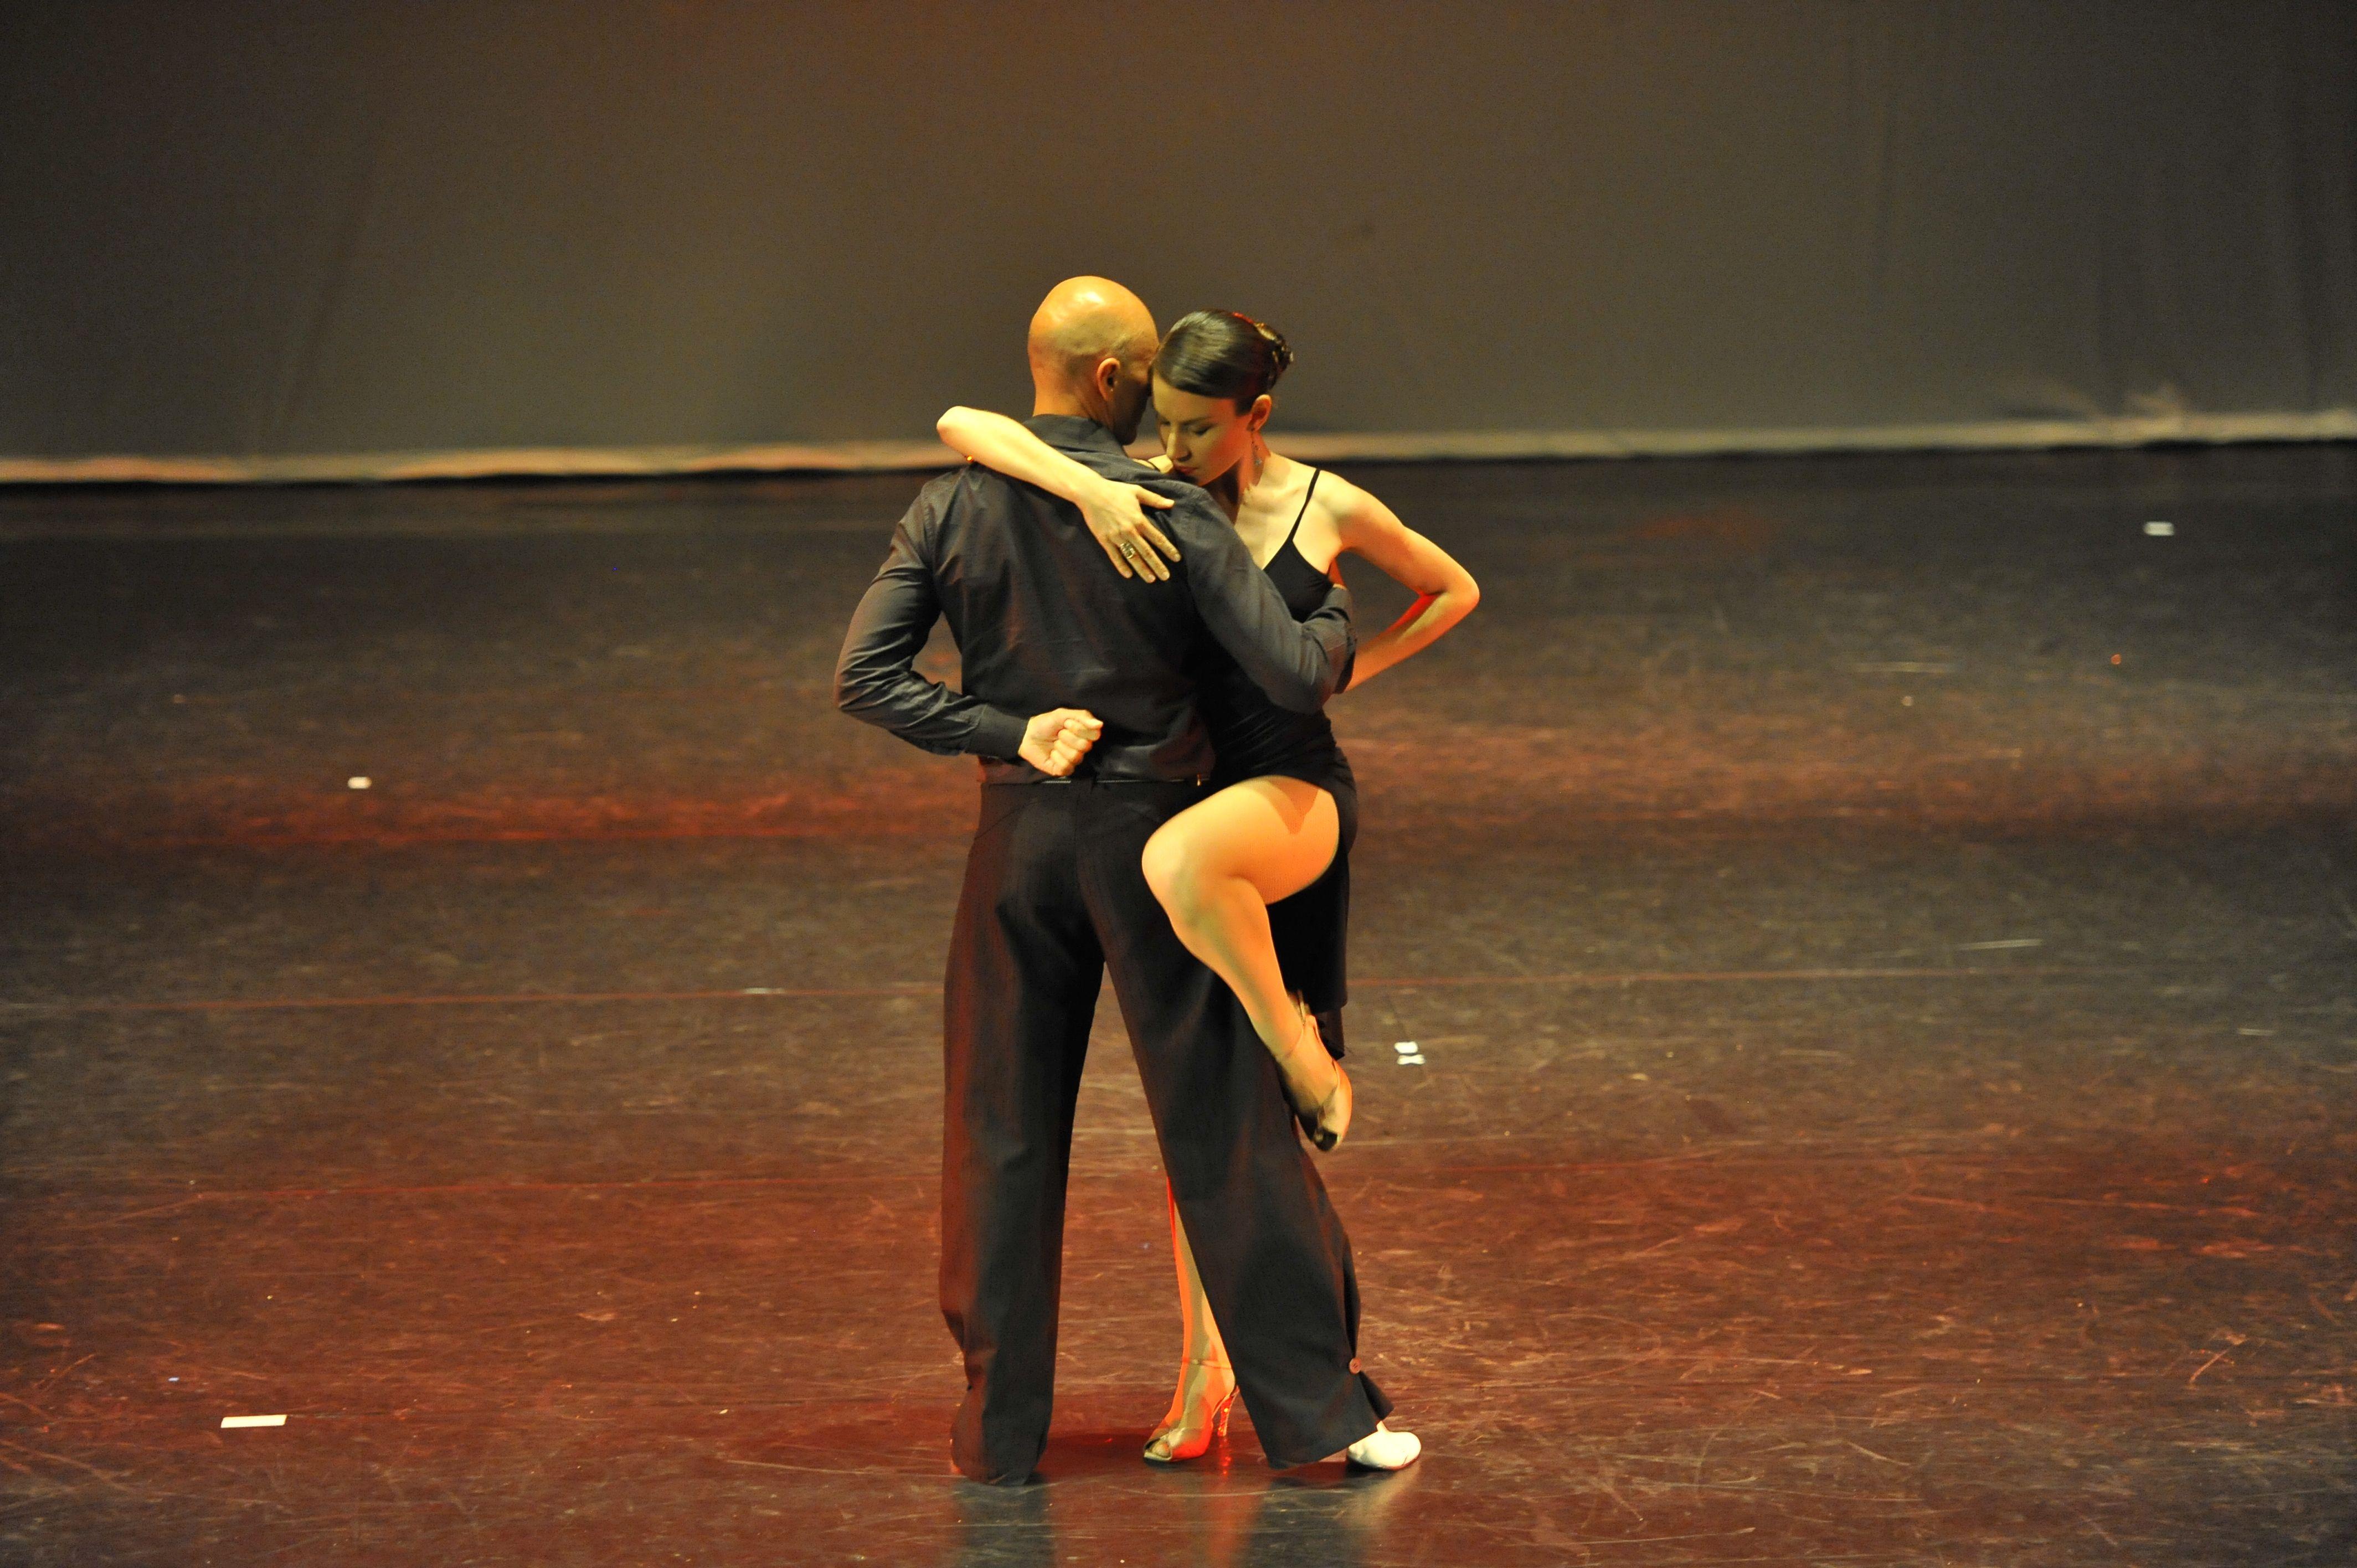 Oggi è la giornata perfetta per indossare le scarpette e venire a ballare il tango!Fuori è buio ma dentro brilla il cuore danzante...   h 19-20 Tango workout h 20-21 Lezione di tango  h 21-22 Pratica di ballo  Prima lezione di prova gratuita prenotando a info@metissart.org- 0236529113 http://www.metissart.org